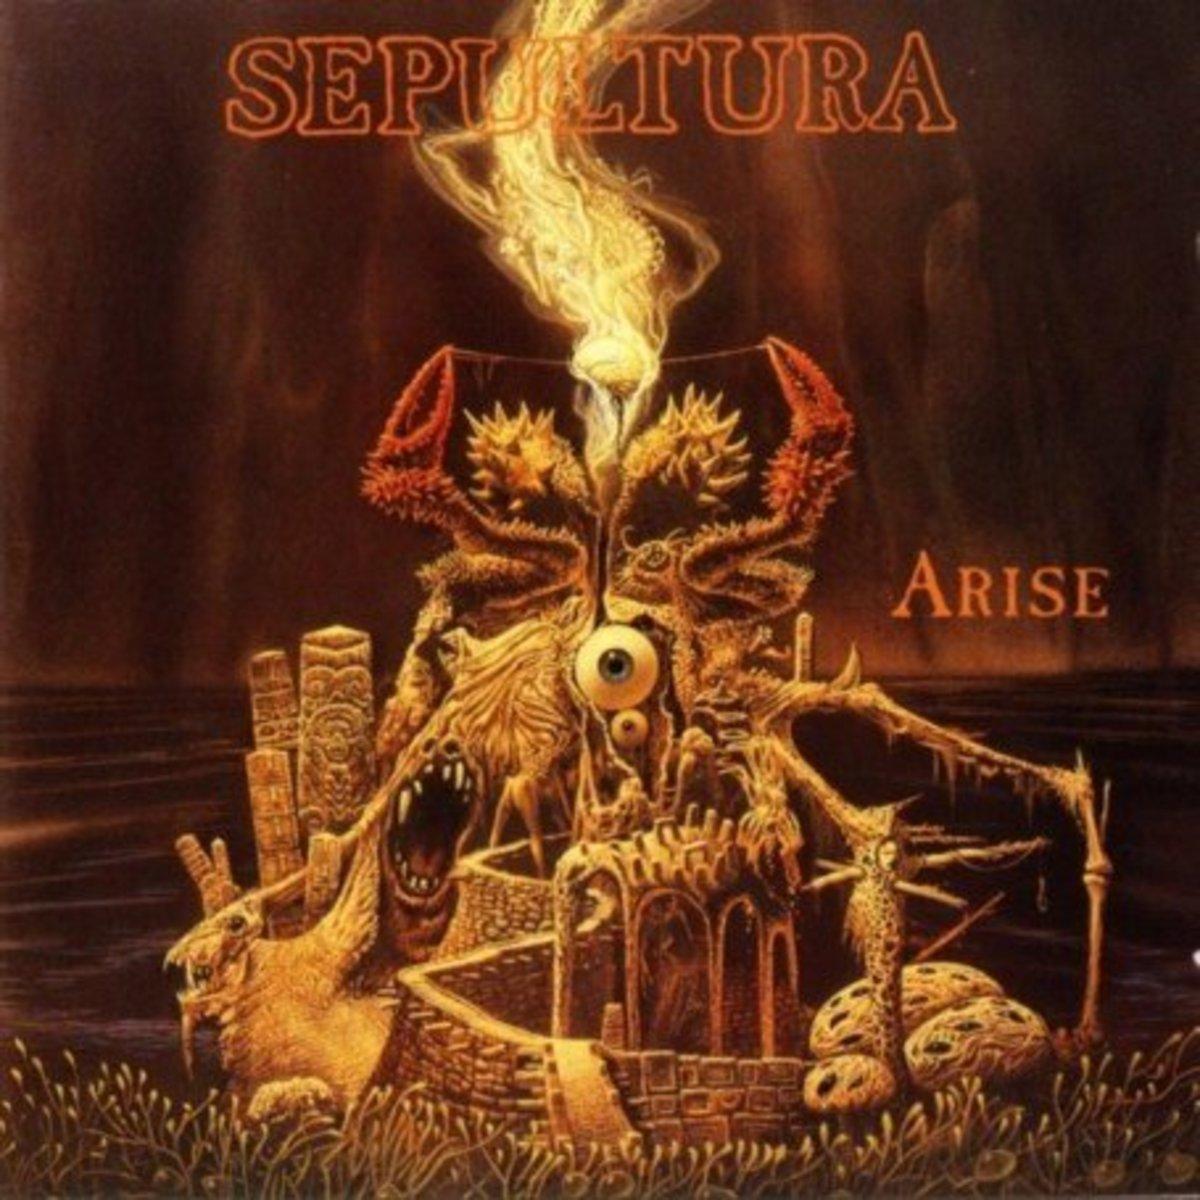 Sepultura, ARISE album cover